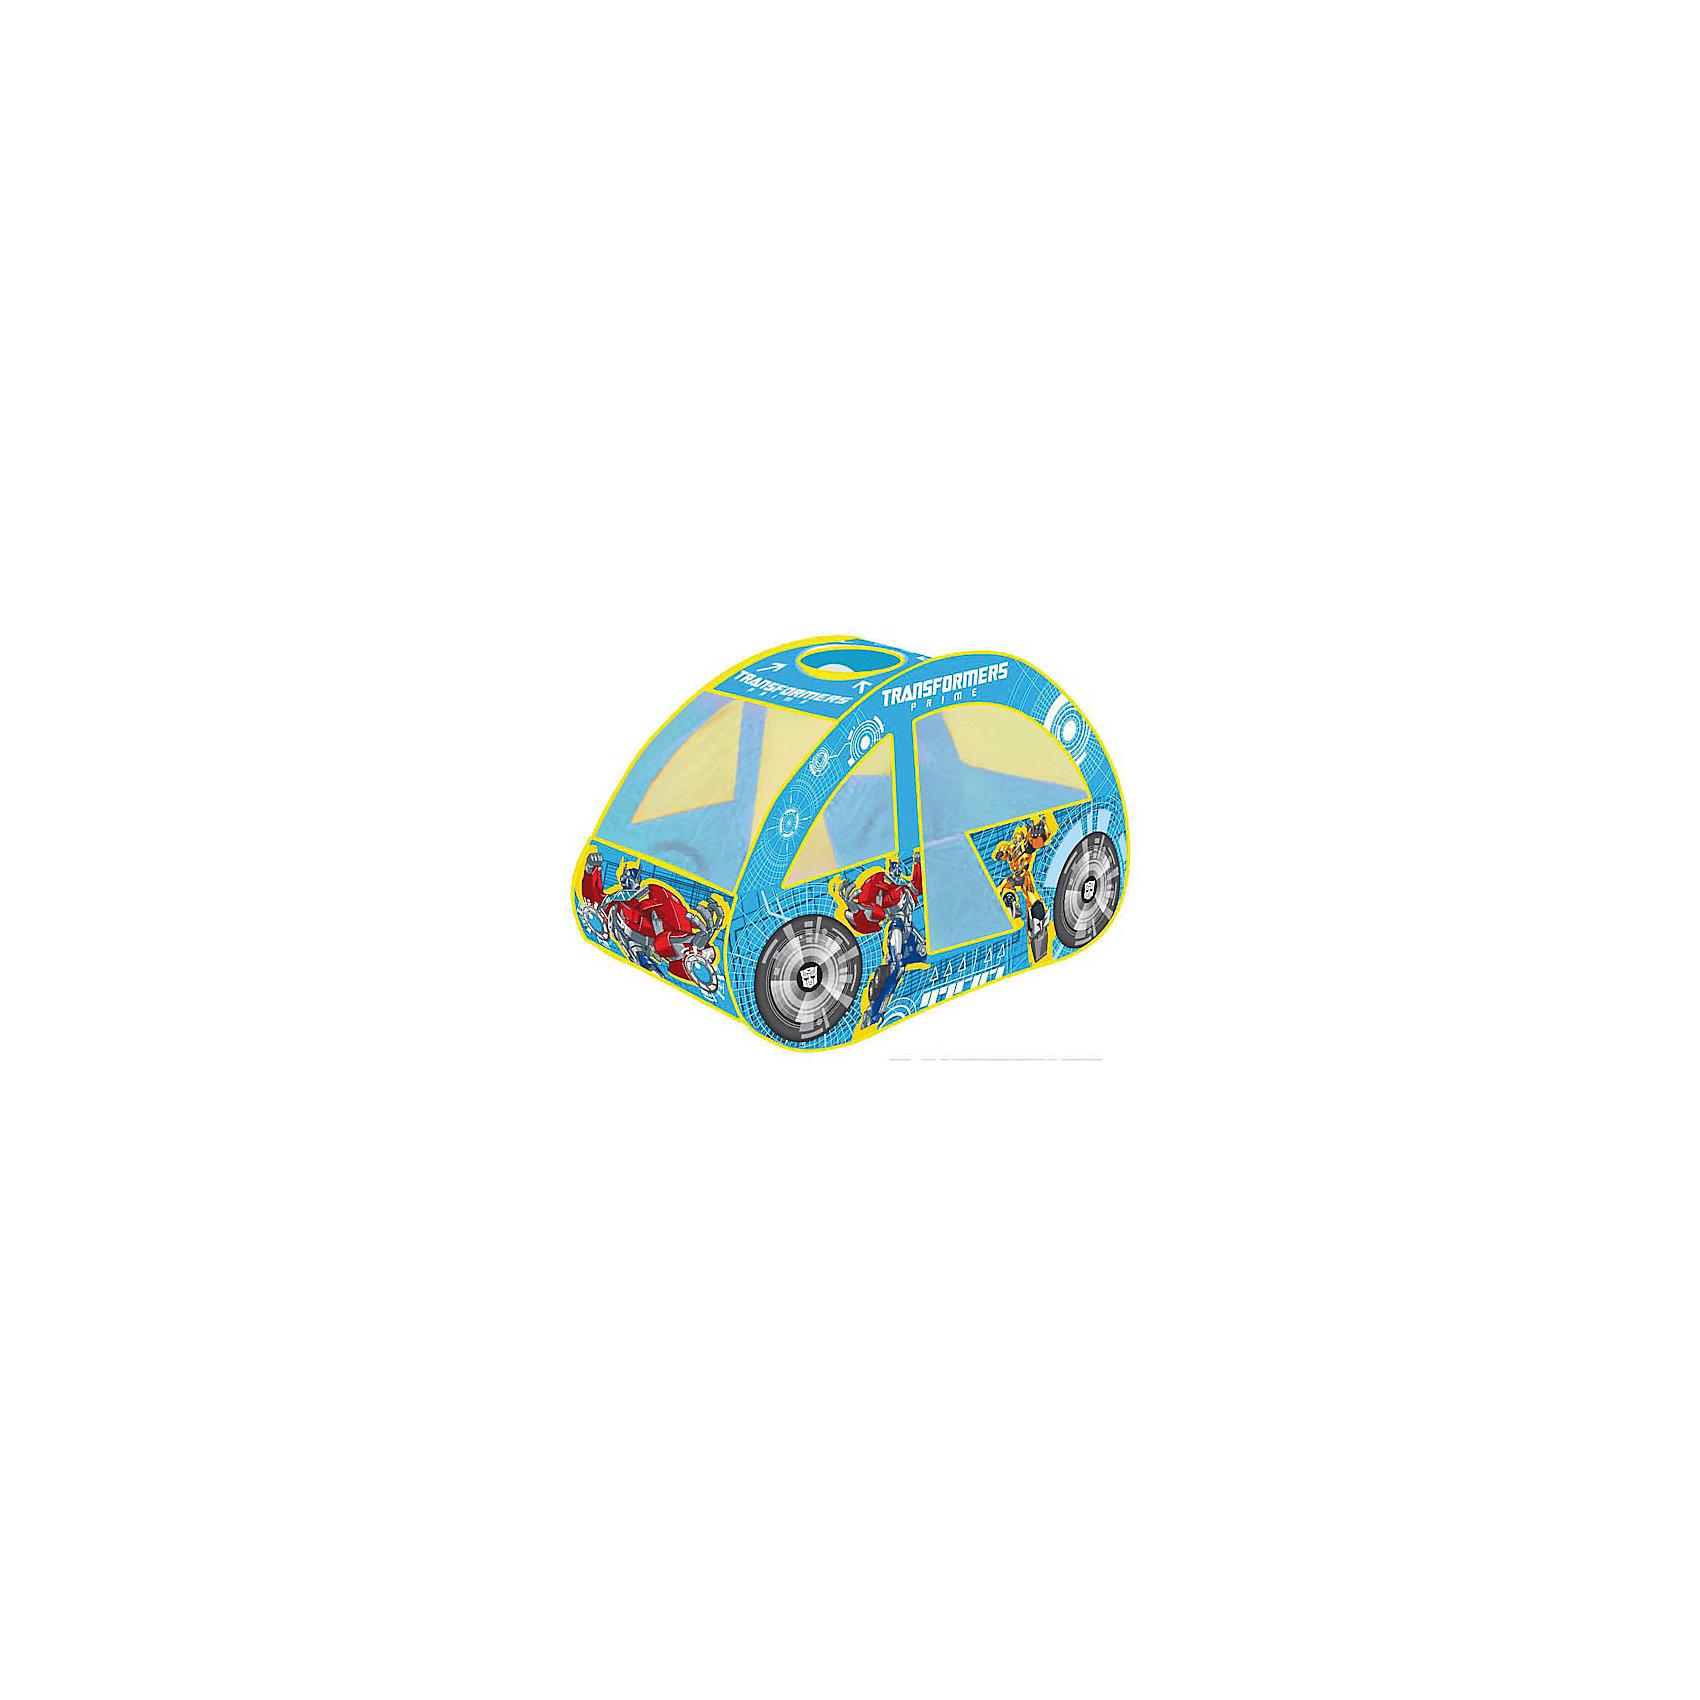 Детская игровая палатка-машинка Трансформеры, Играем ВместеПалатка игровая Transformers (Трансформеры) Играем вместе - отличный подарок для  мальчишек! Детская игровая палатка Transformers (Трансформеры) подарит Вашему ребенку множество увлекательных часов игры. Послужит отличной игрушкой как дома, так и на свежем воздухе в теплое время: варианты игры могут быть ограничены лишь фантазией ребенка. Мобильная и качественная, палатка легко складывается для хранения и транспортировки, самораскладывающийся каркас-спираль позволяет без труда собирать и разбирать ее. Окна выполнены из сетчатого материала, дверь палатки на липучке. Выполненная в виде красочной машинки из прочного материала, натянутого на металлический каркас, она к тому же очень легкая и компактная. В ней можно отдыхать, прятаться, защищаться от солнца и дождика!<br><br>Дополнительная информация:<br><br>- Понравится любителям мультфильма Transformers (Трансформеры);<br>- Создана в виде машинки, которая так нравится мальчишкам;<br>- Подходит для игры в помещении и на улице в летнее время;<br>- Палатку легко собрать и разобрать;<br>- Есть окошки с сеткой для притока воздуха;<br>- Влагостойкий материал;<br>- Упакована в сумку с ручками для удобства переноски;<br>- Цвет: синий;<br>- Размер: 126 х 70 х 80 см;<br>- Вес: 650 г<br><br>Детскую игровую палатку-машинку Трансформеры, Играем Вместе можно купить в нашем интернет-магазине.<br><br>Ширина мм: 410<br>Глубина мм: 30<br>Высота мм: 410<br>Вес г: 650<br>Возраст от месяцев: 12<br>Возраст до месяцев: 48<br>Пол: Мужской<br>Возраст: Детский<br>SKU: 3687179